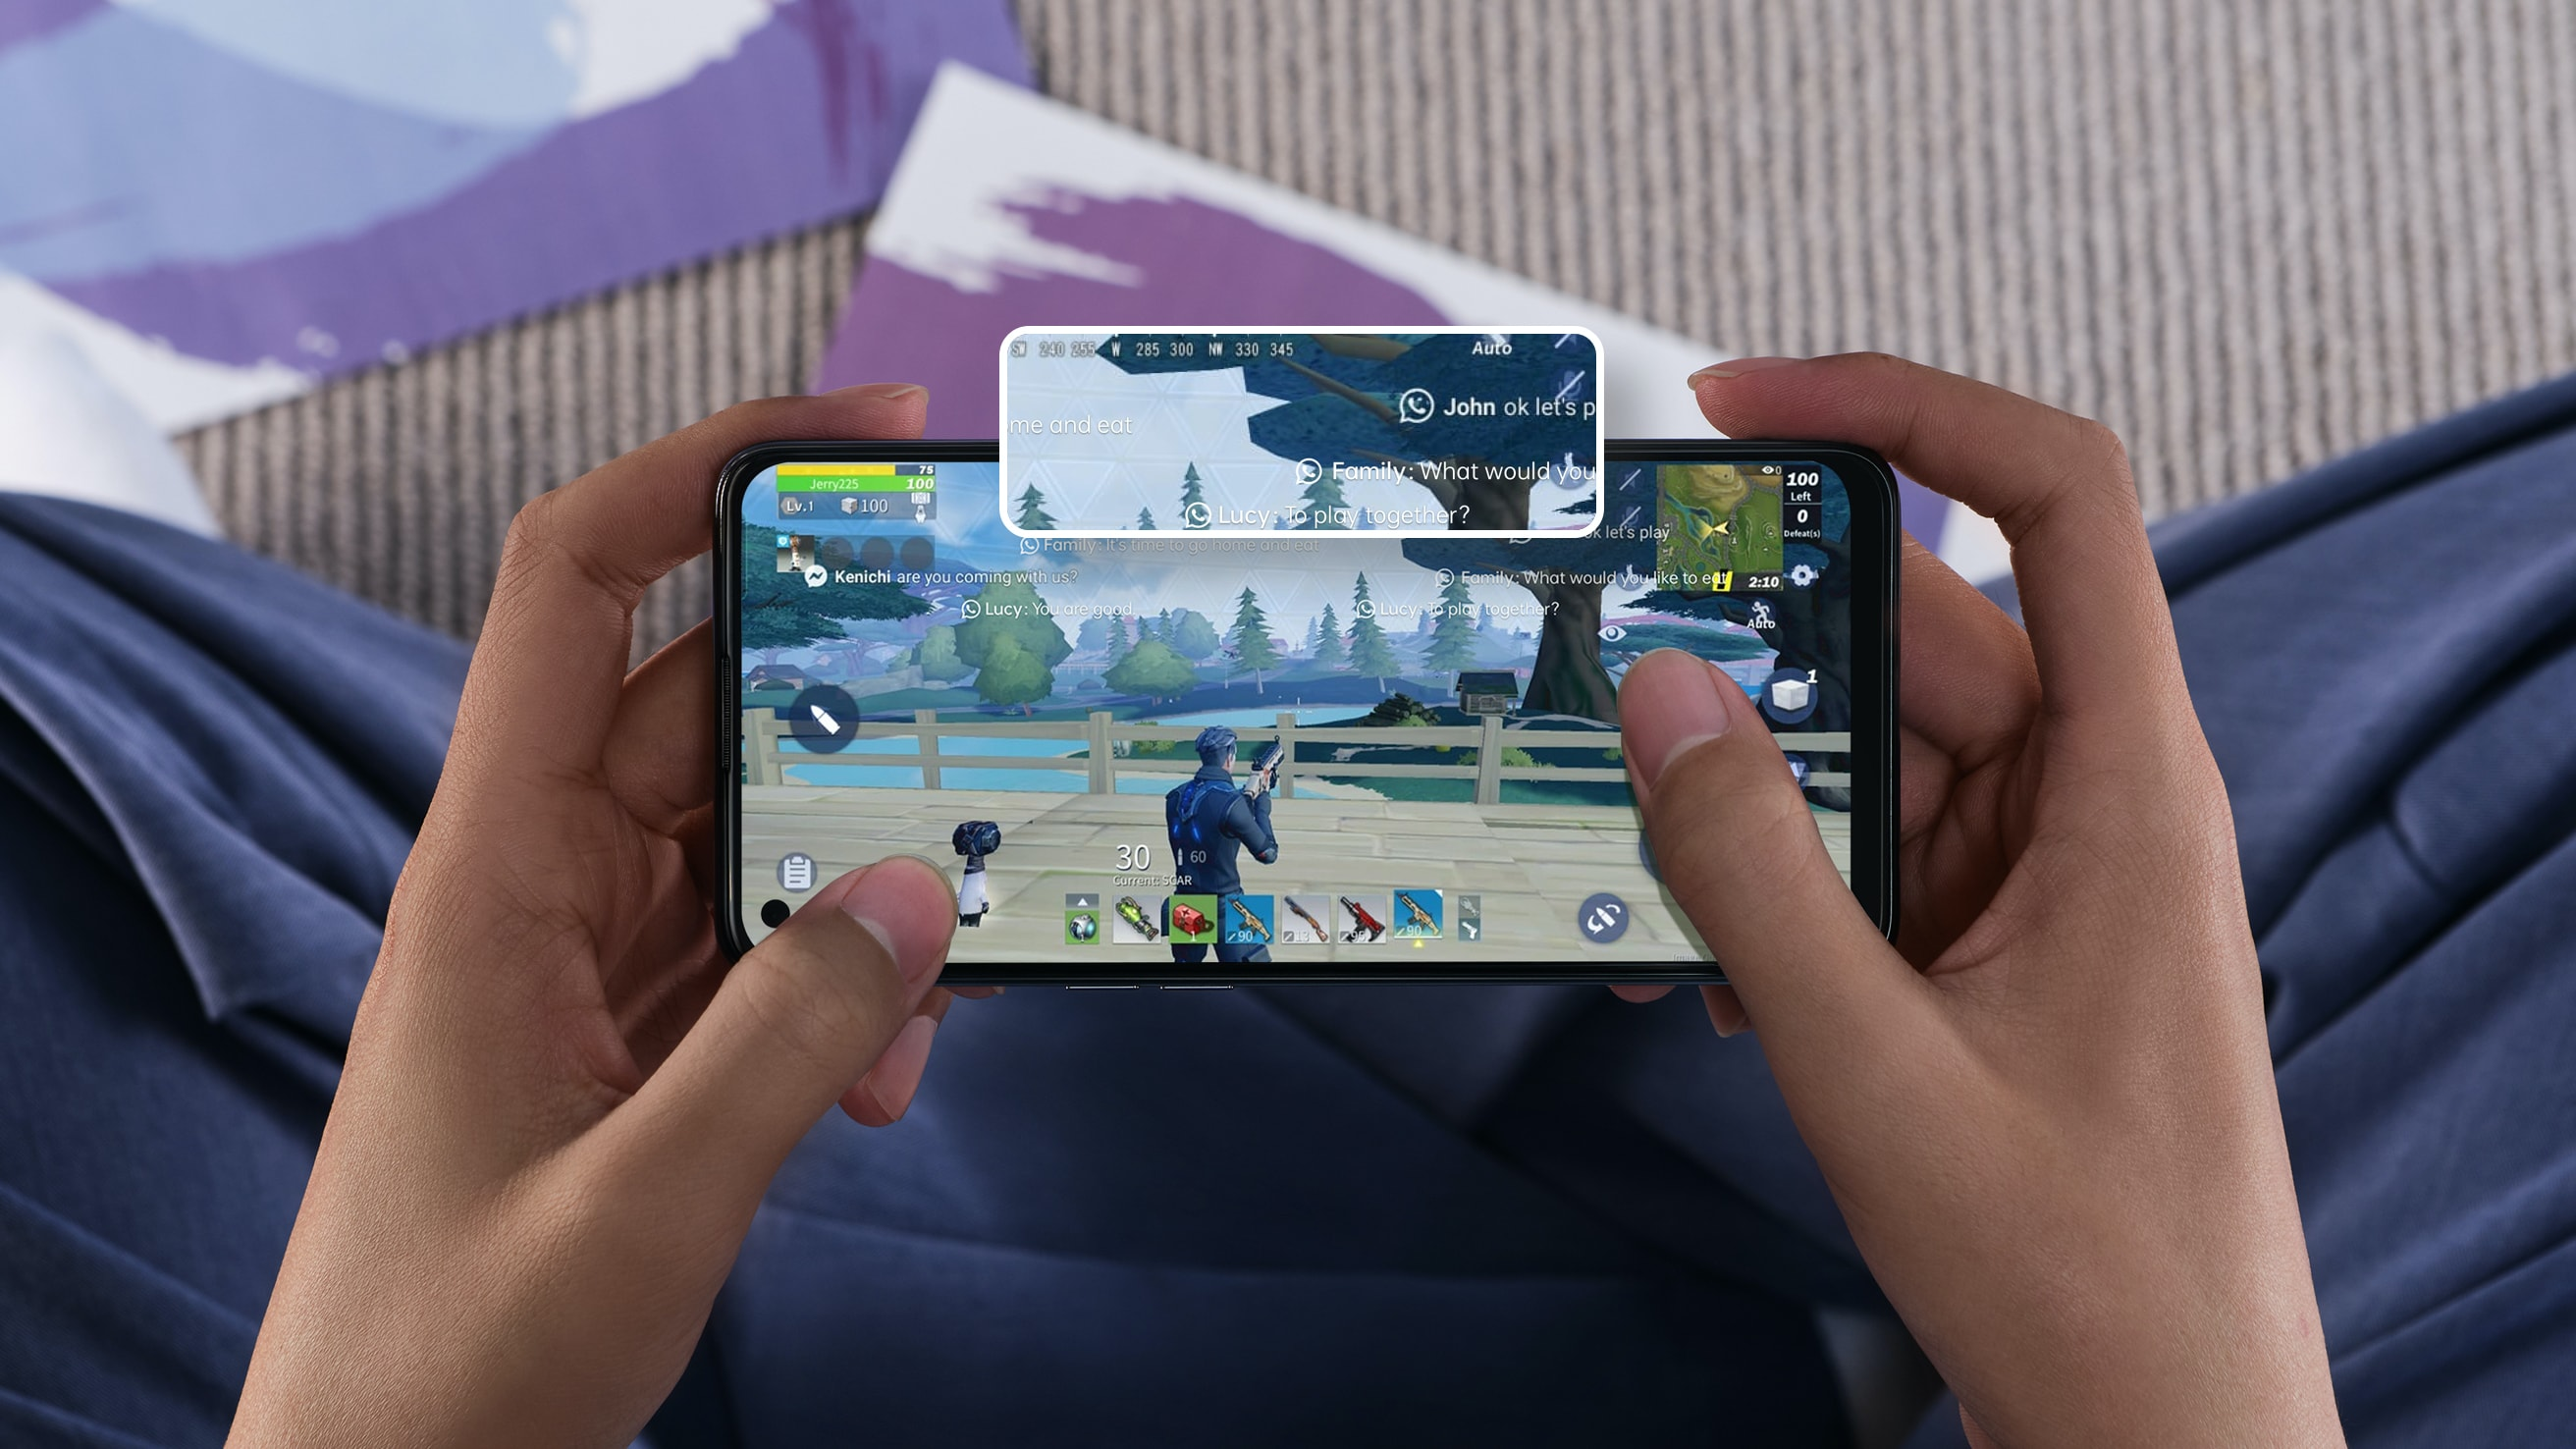 Game Focus Mode